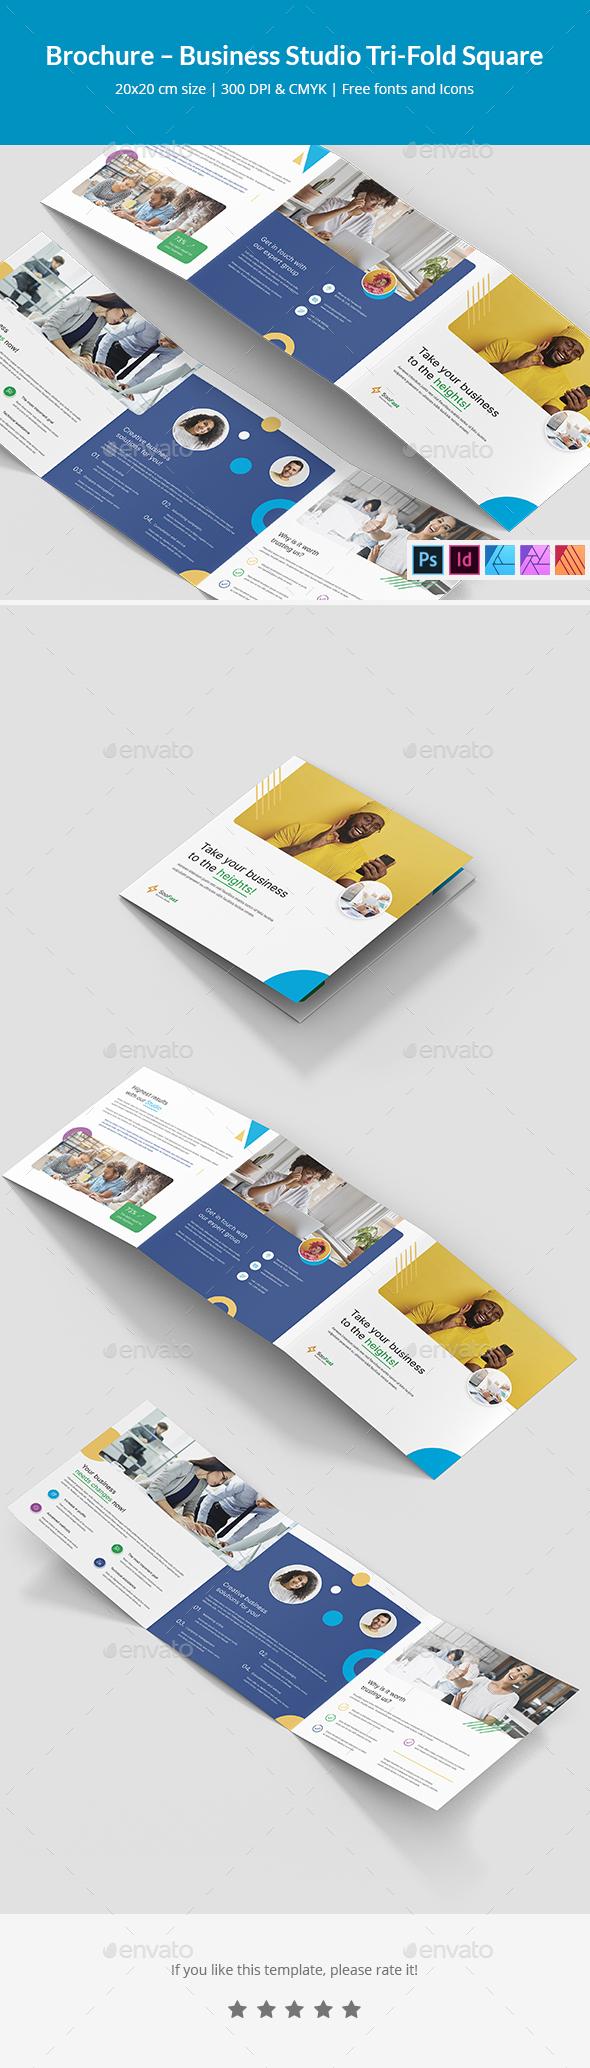 Brochure – Business Studio Tri-Fold Square